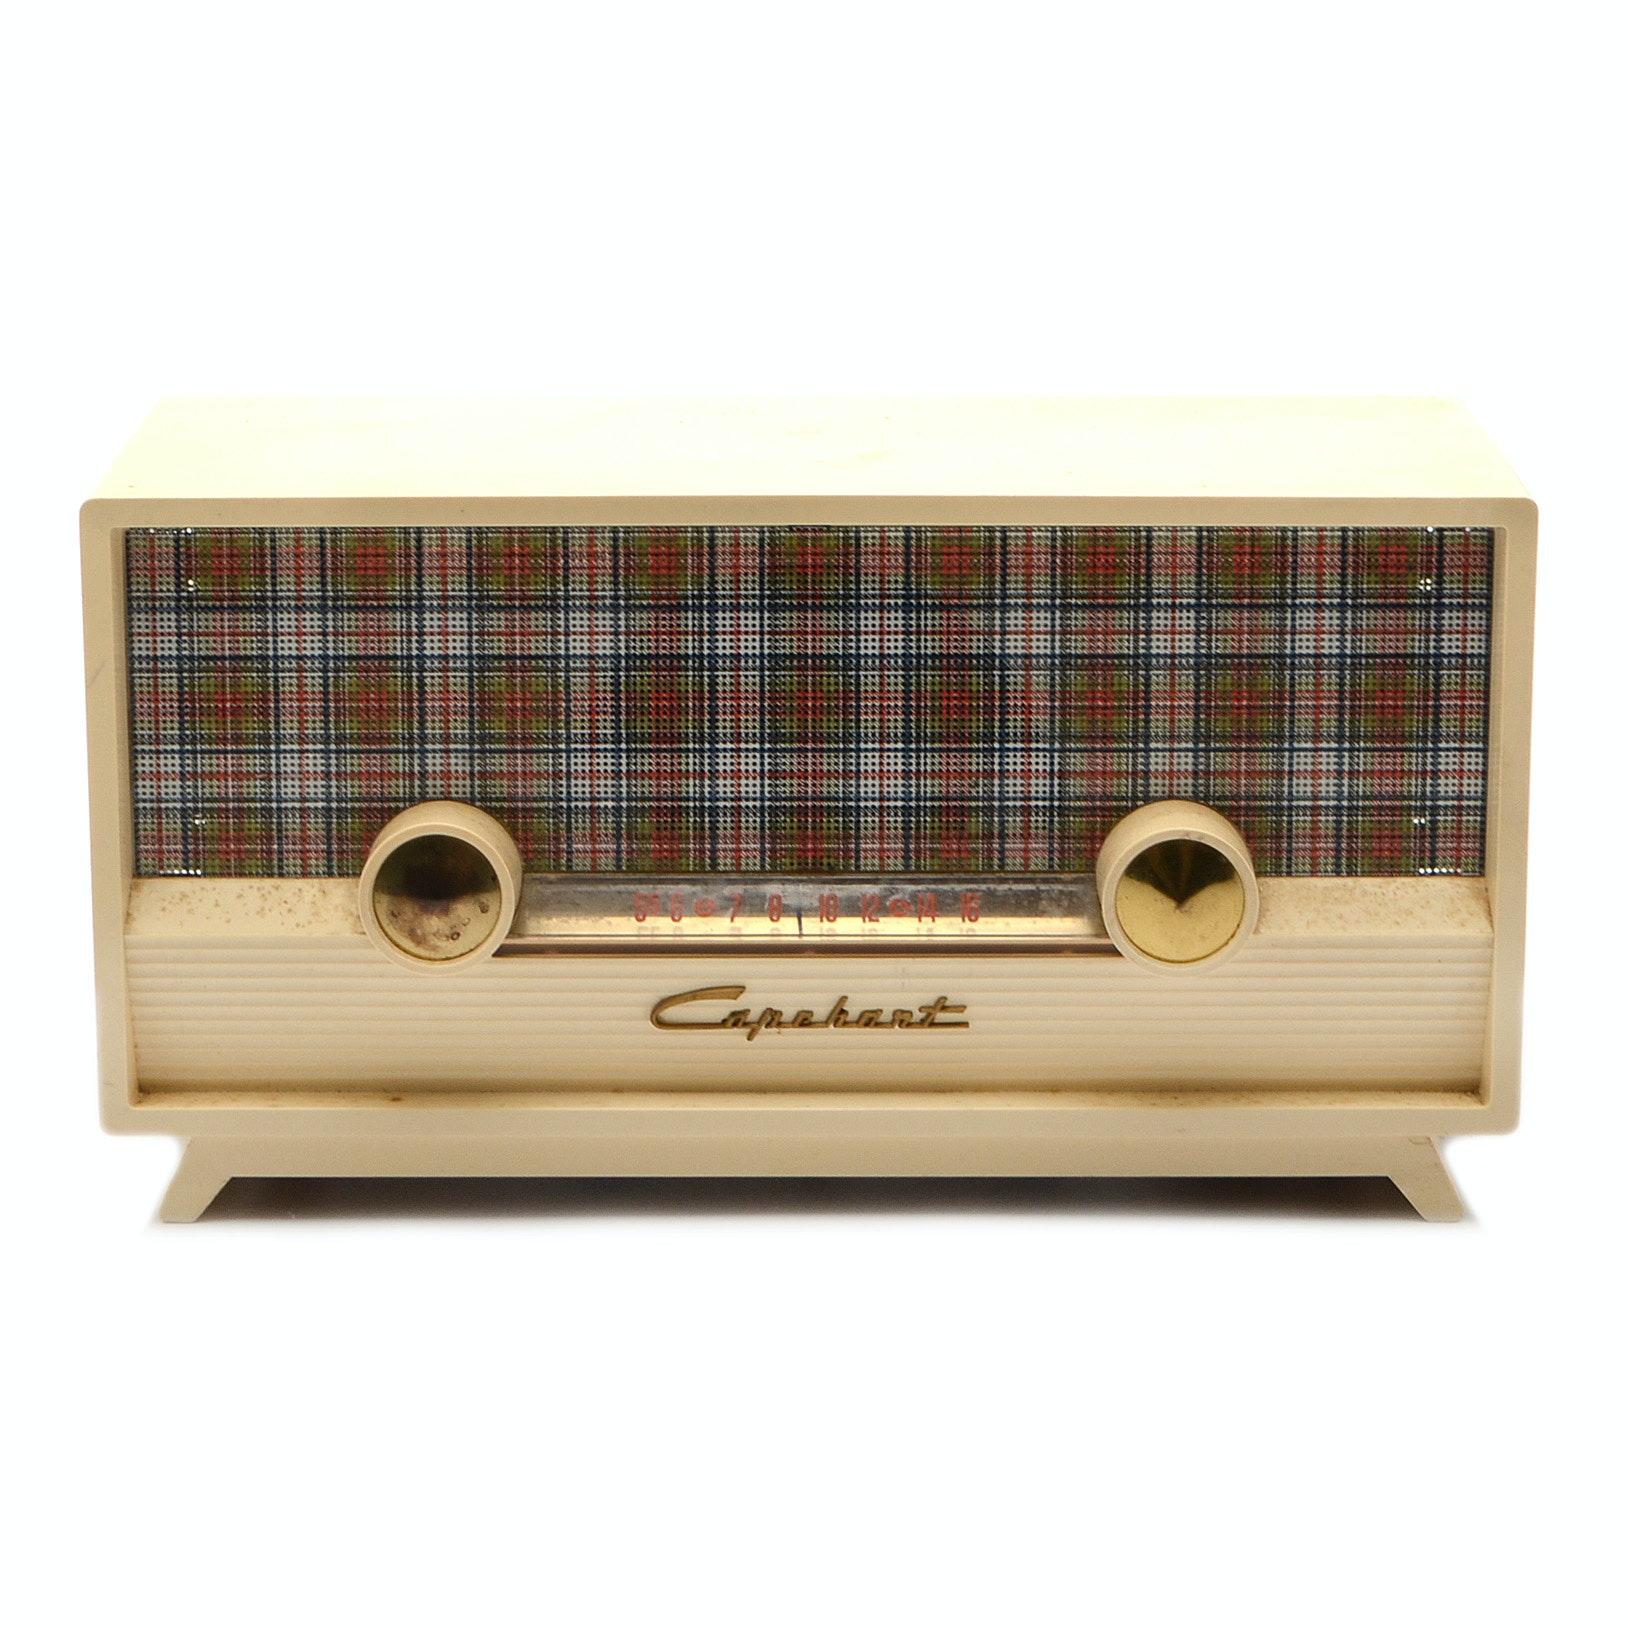 Vintage Capehart Radio